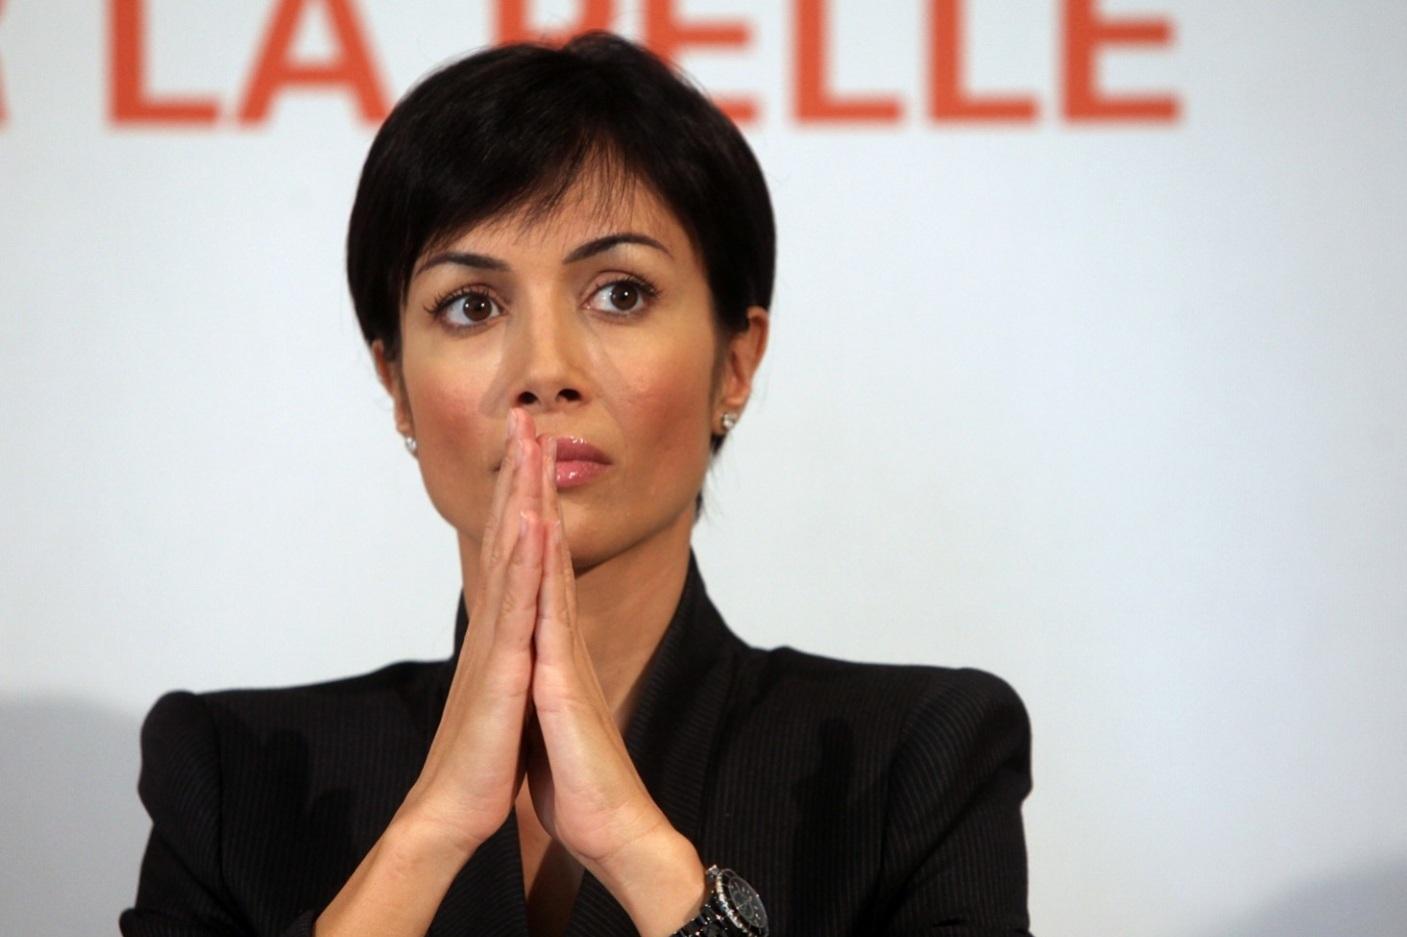 Italian Politician Mara Rosaria Carfagna